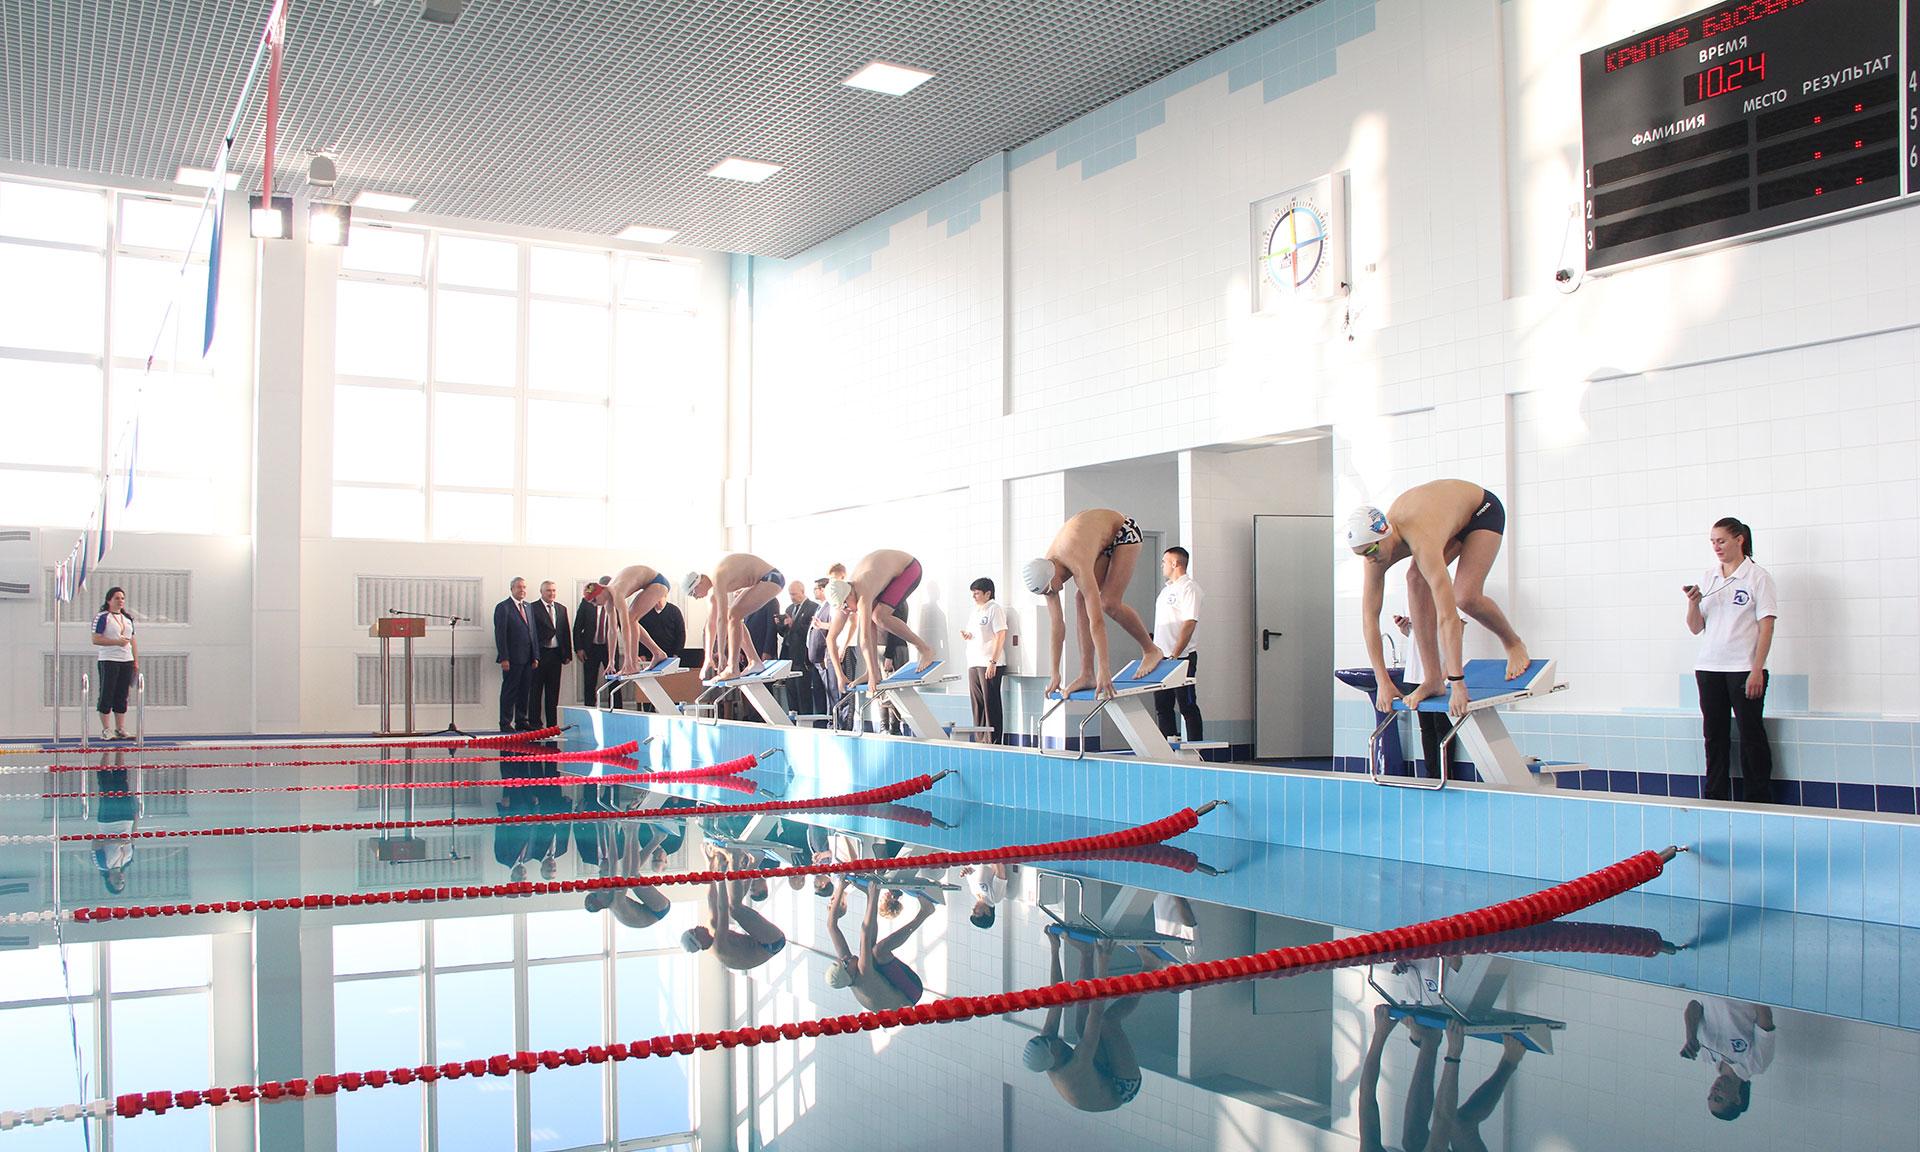 В Брянске с полуторамесячным опозданием открыт многострадальный бассейн на Новостройке